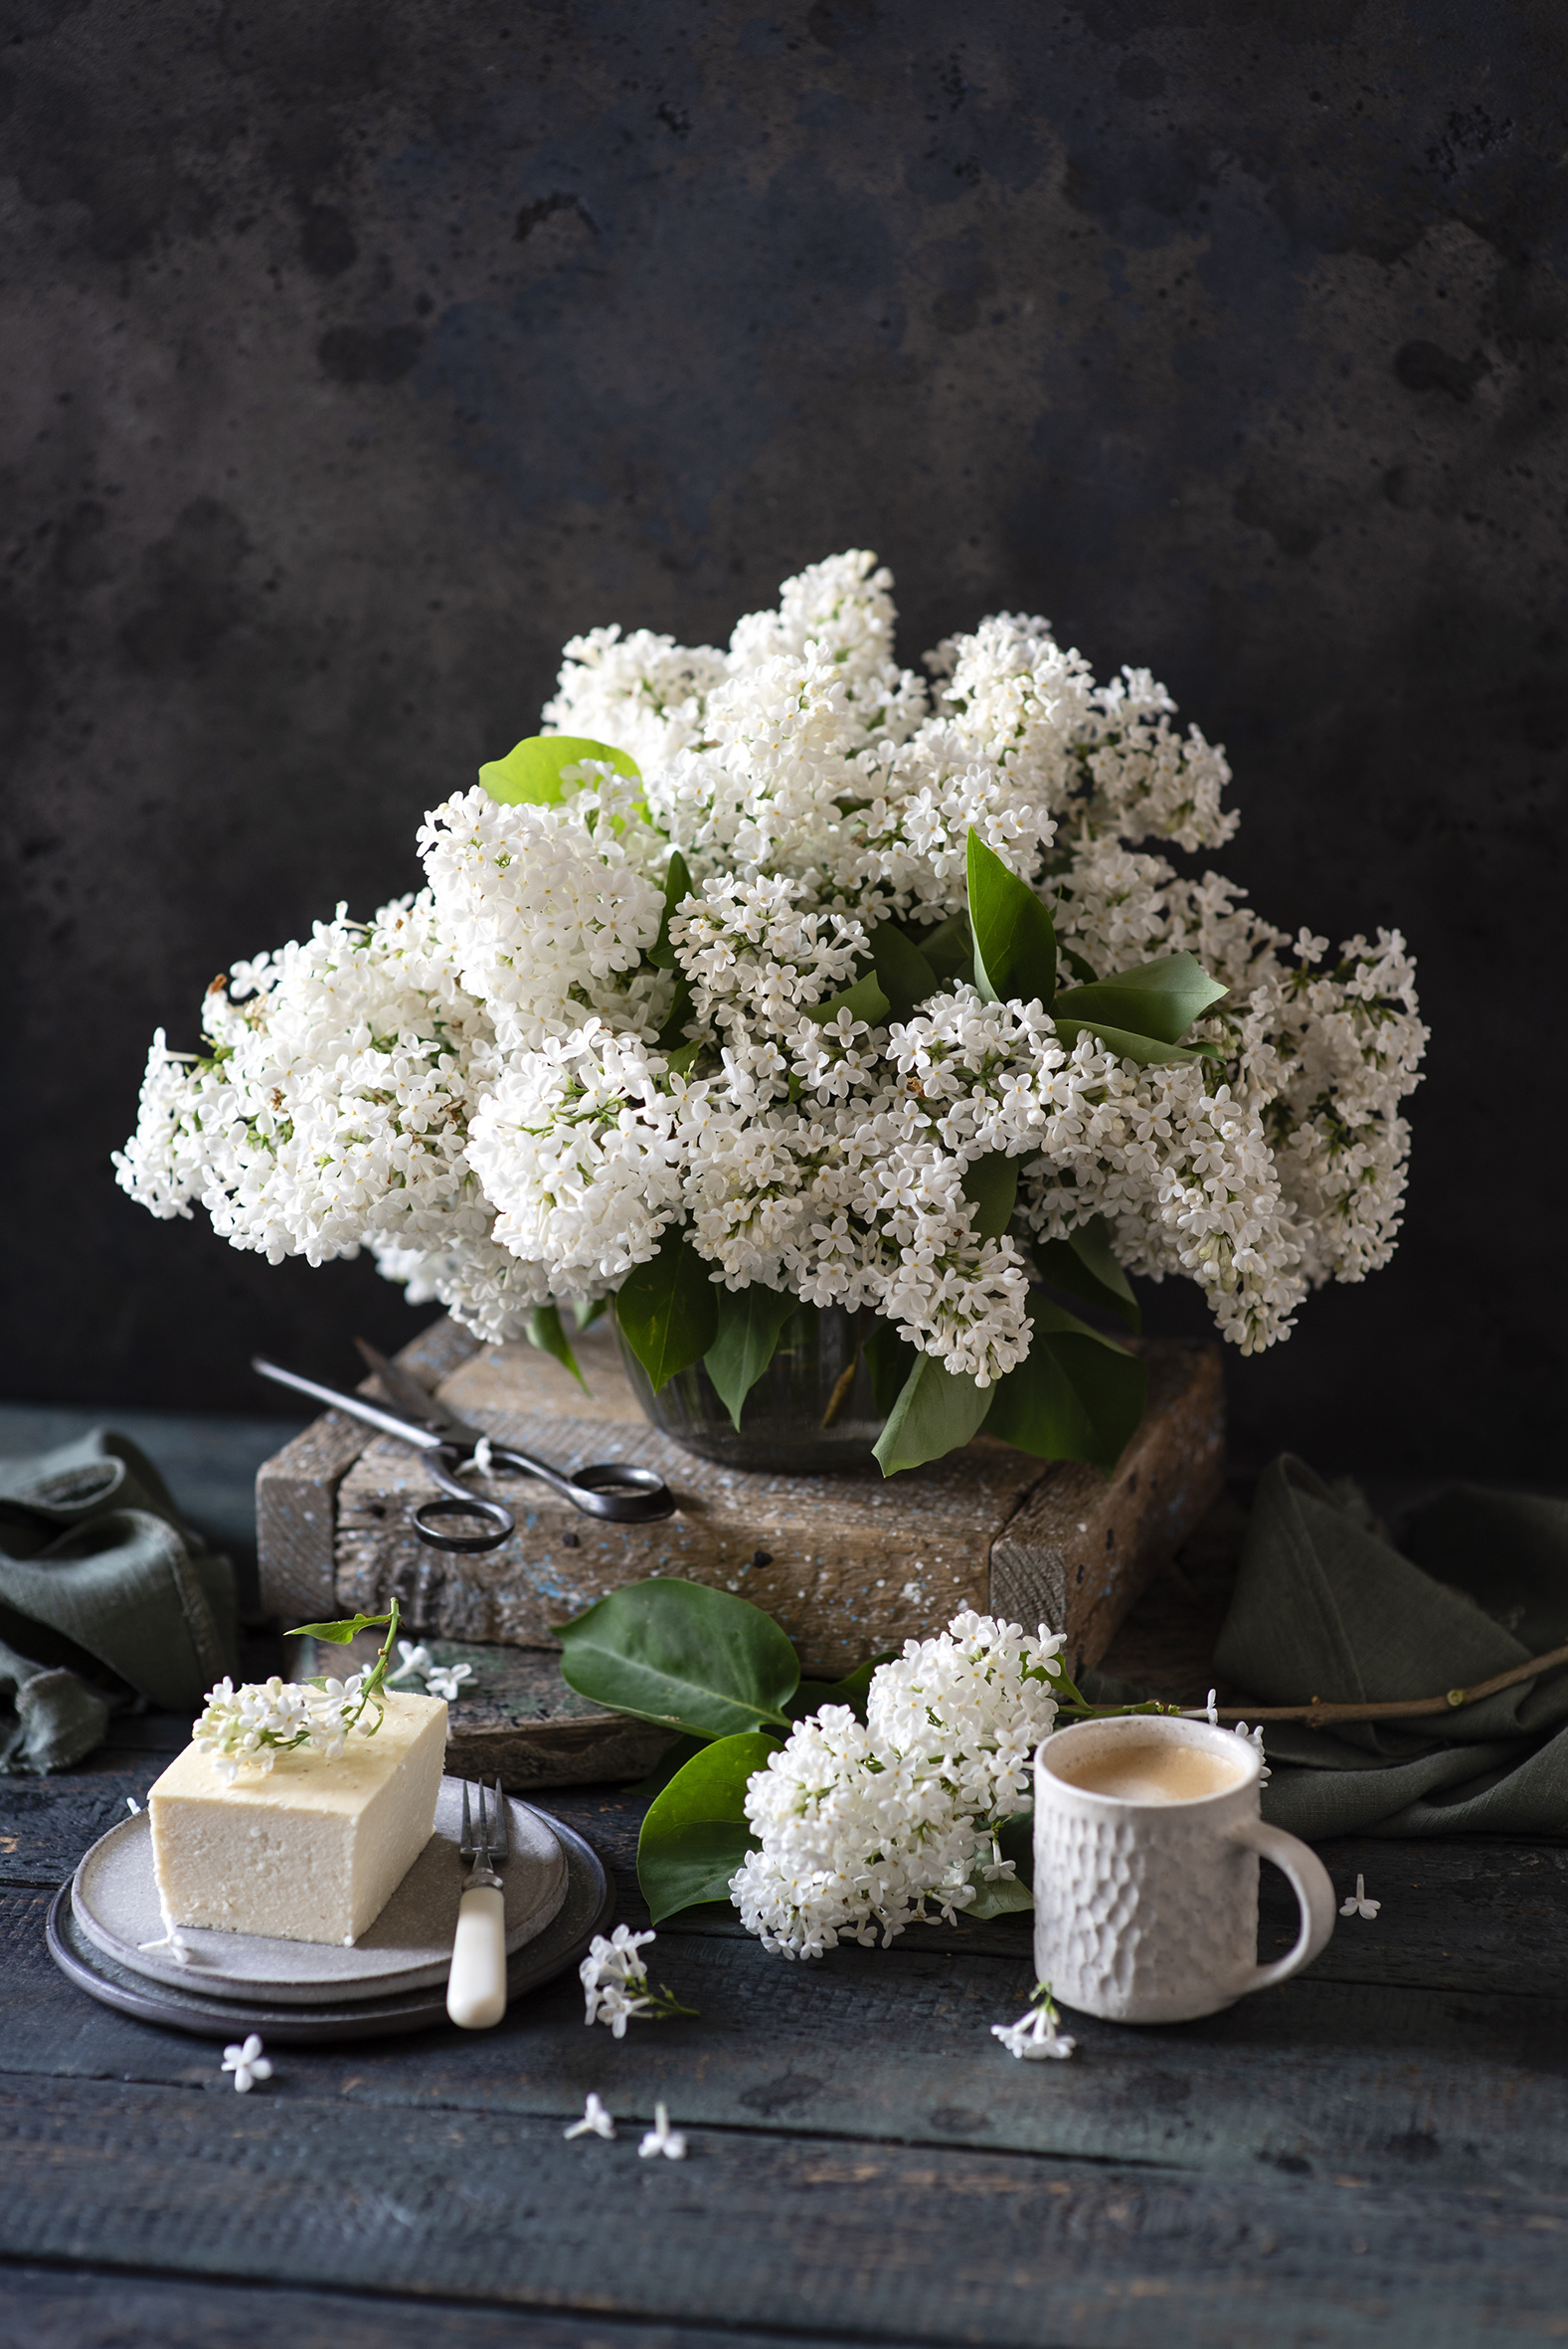 Desktop Hintergrundbilder Weiß Kaffee Cappuccino Blüte Flieder Tasse Lebensmittel Stillleben Bretter  für Handy Blumen Syringa das Essen